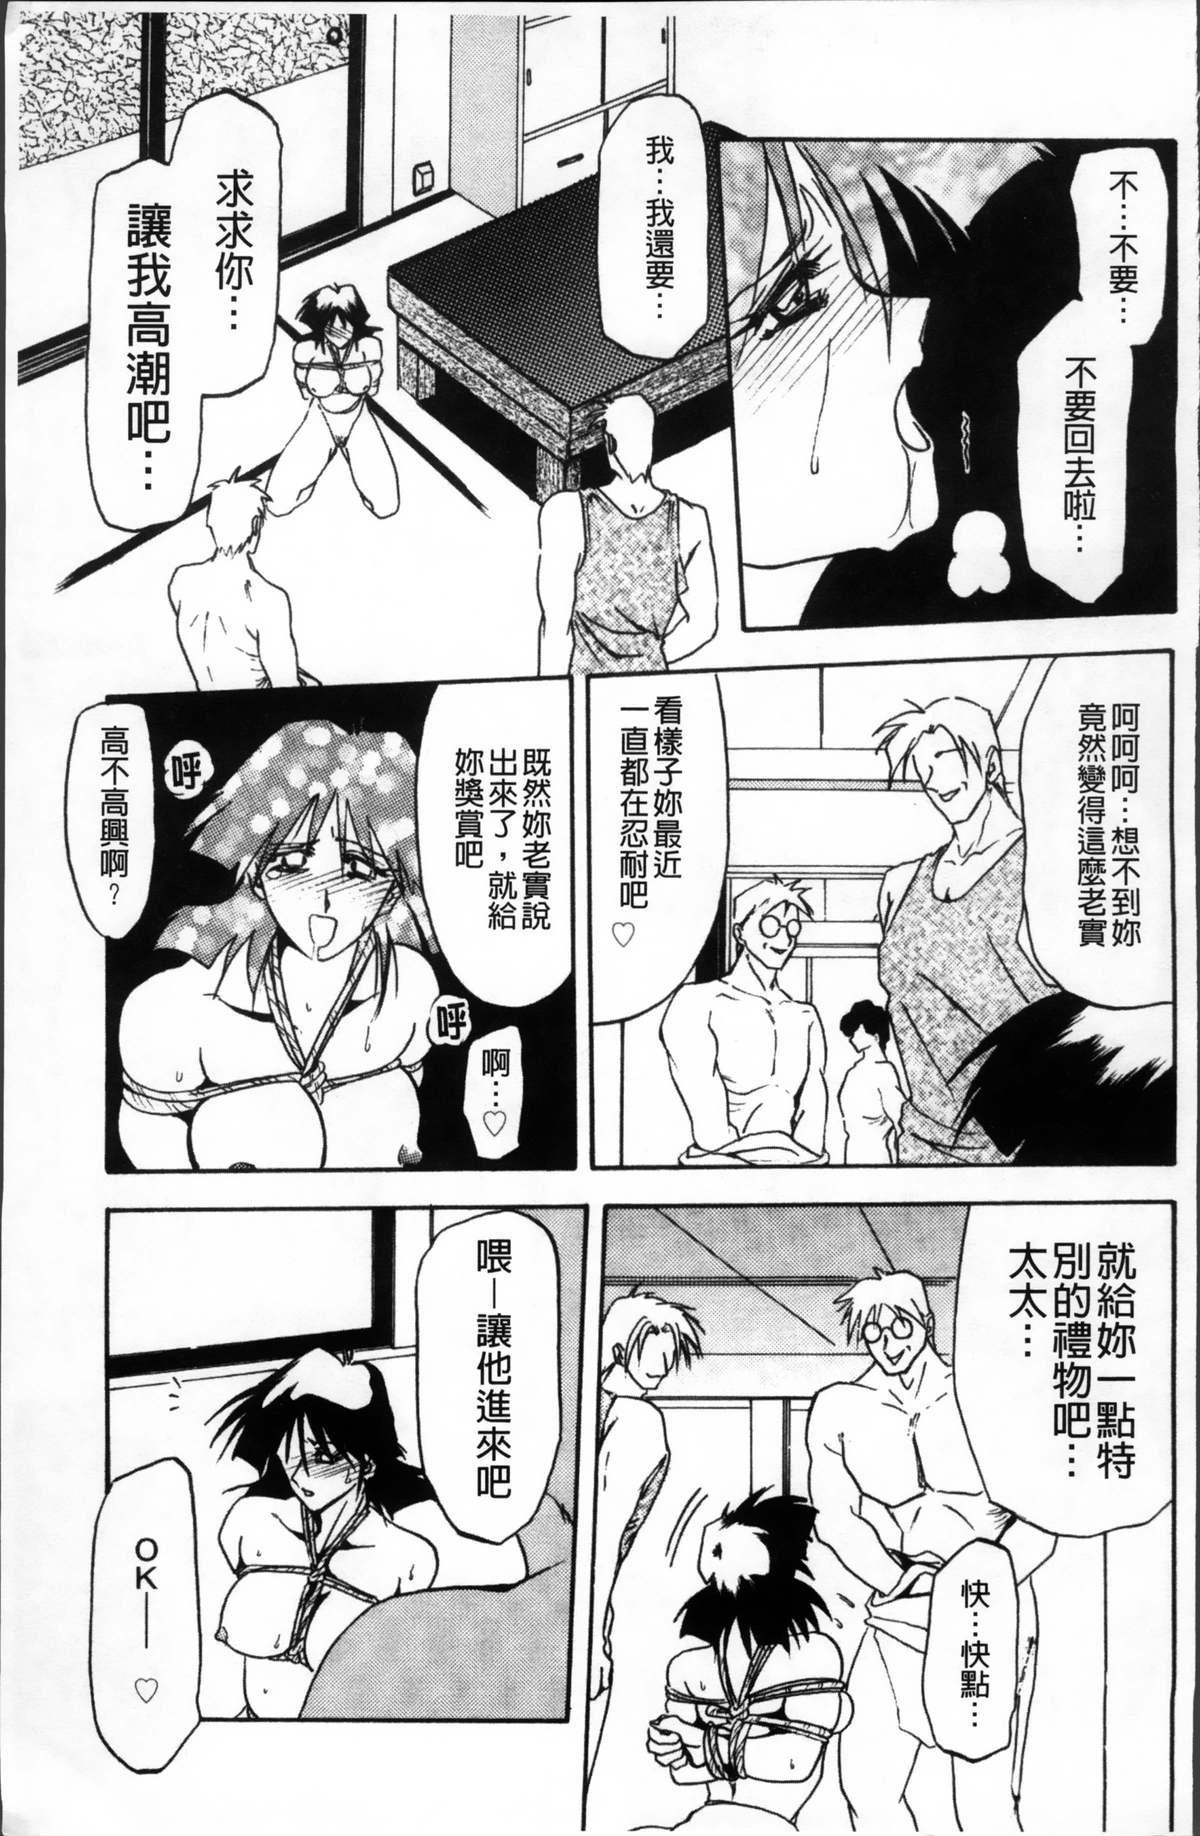 Hiiro no Koku Kanzenban   緋色之刻 完全版 146